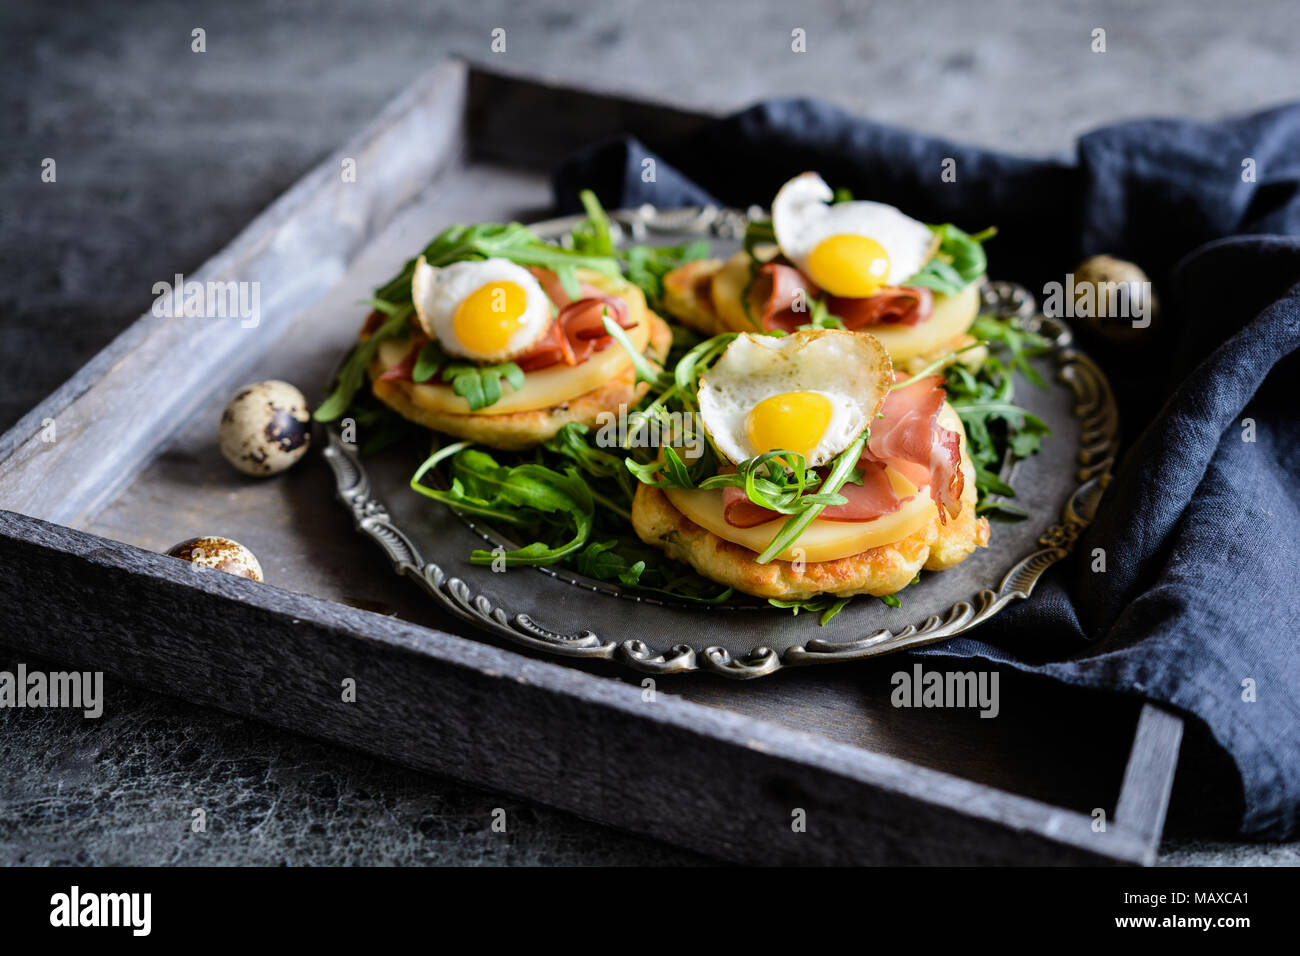 Yaourt salé et scallion pancakes avec jambon fumé Forêt Noire, tranches de fromage, oeuf de caille et la roquette Photo Stock